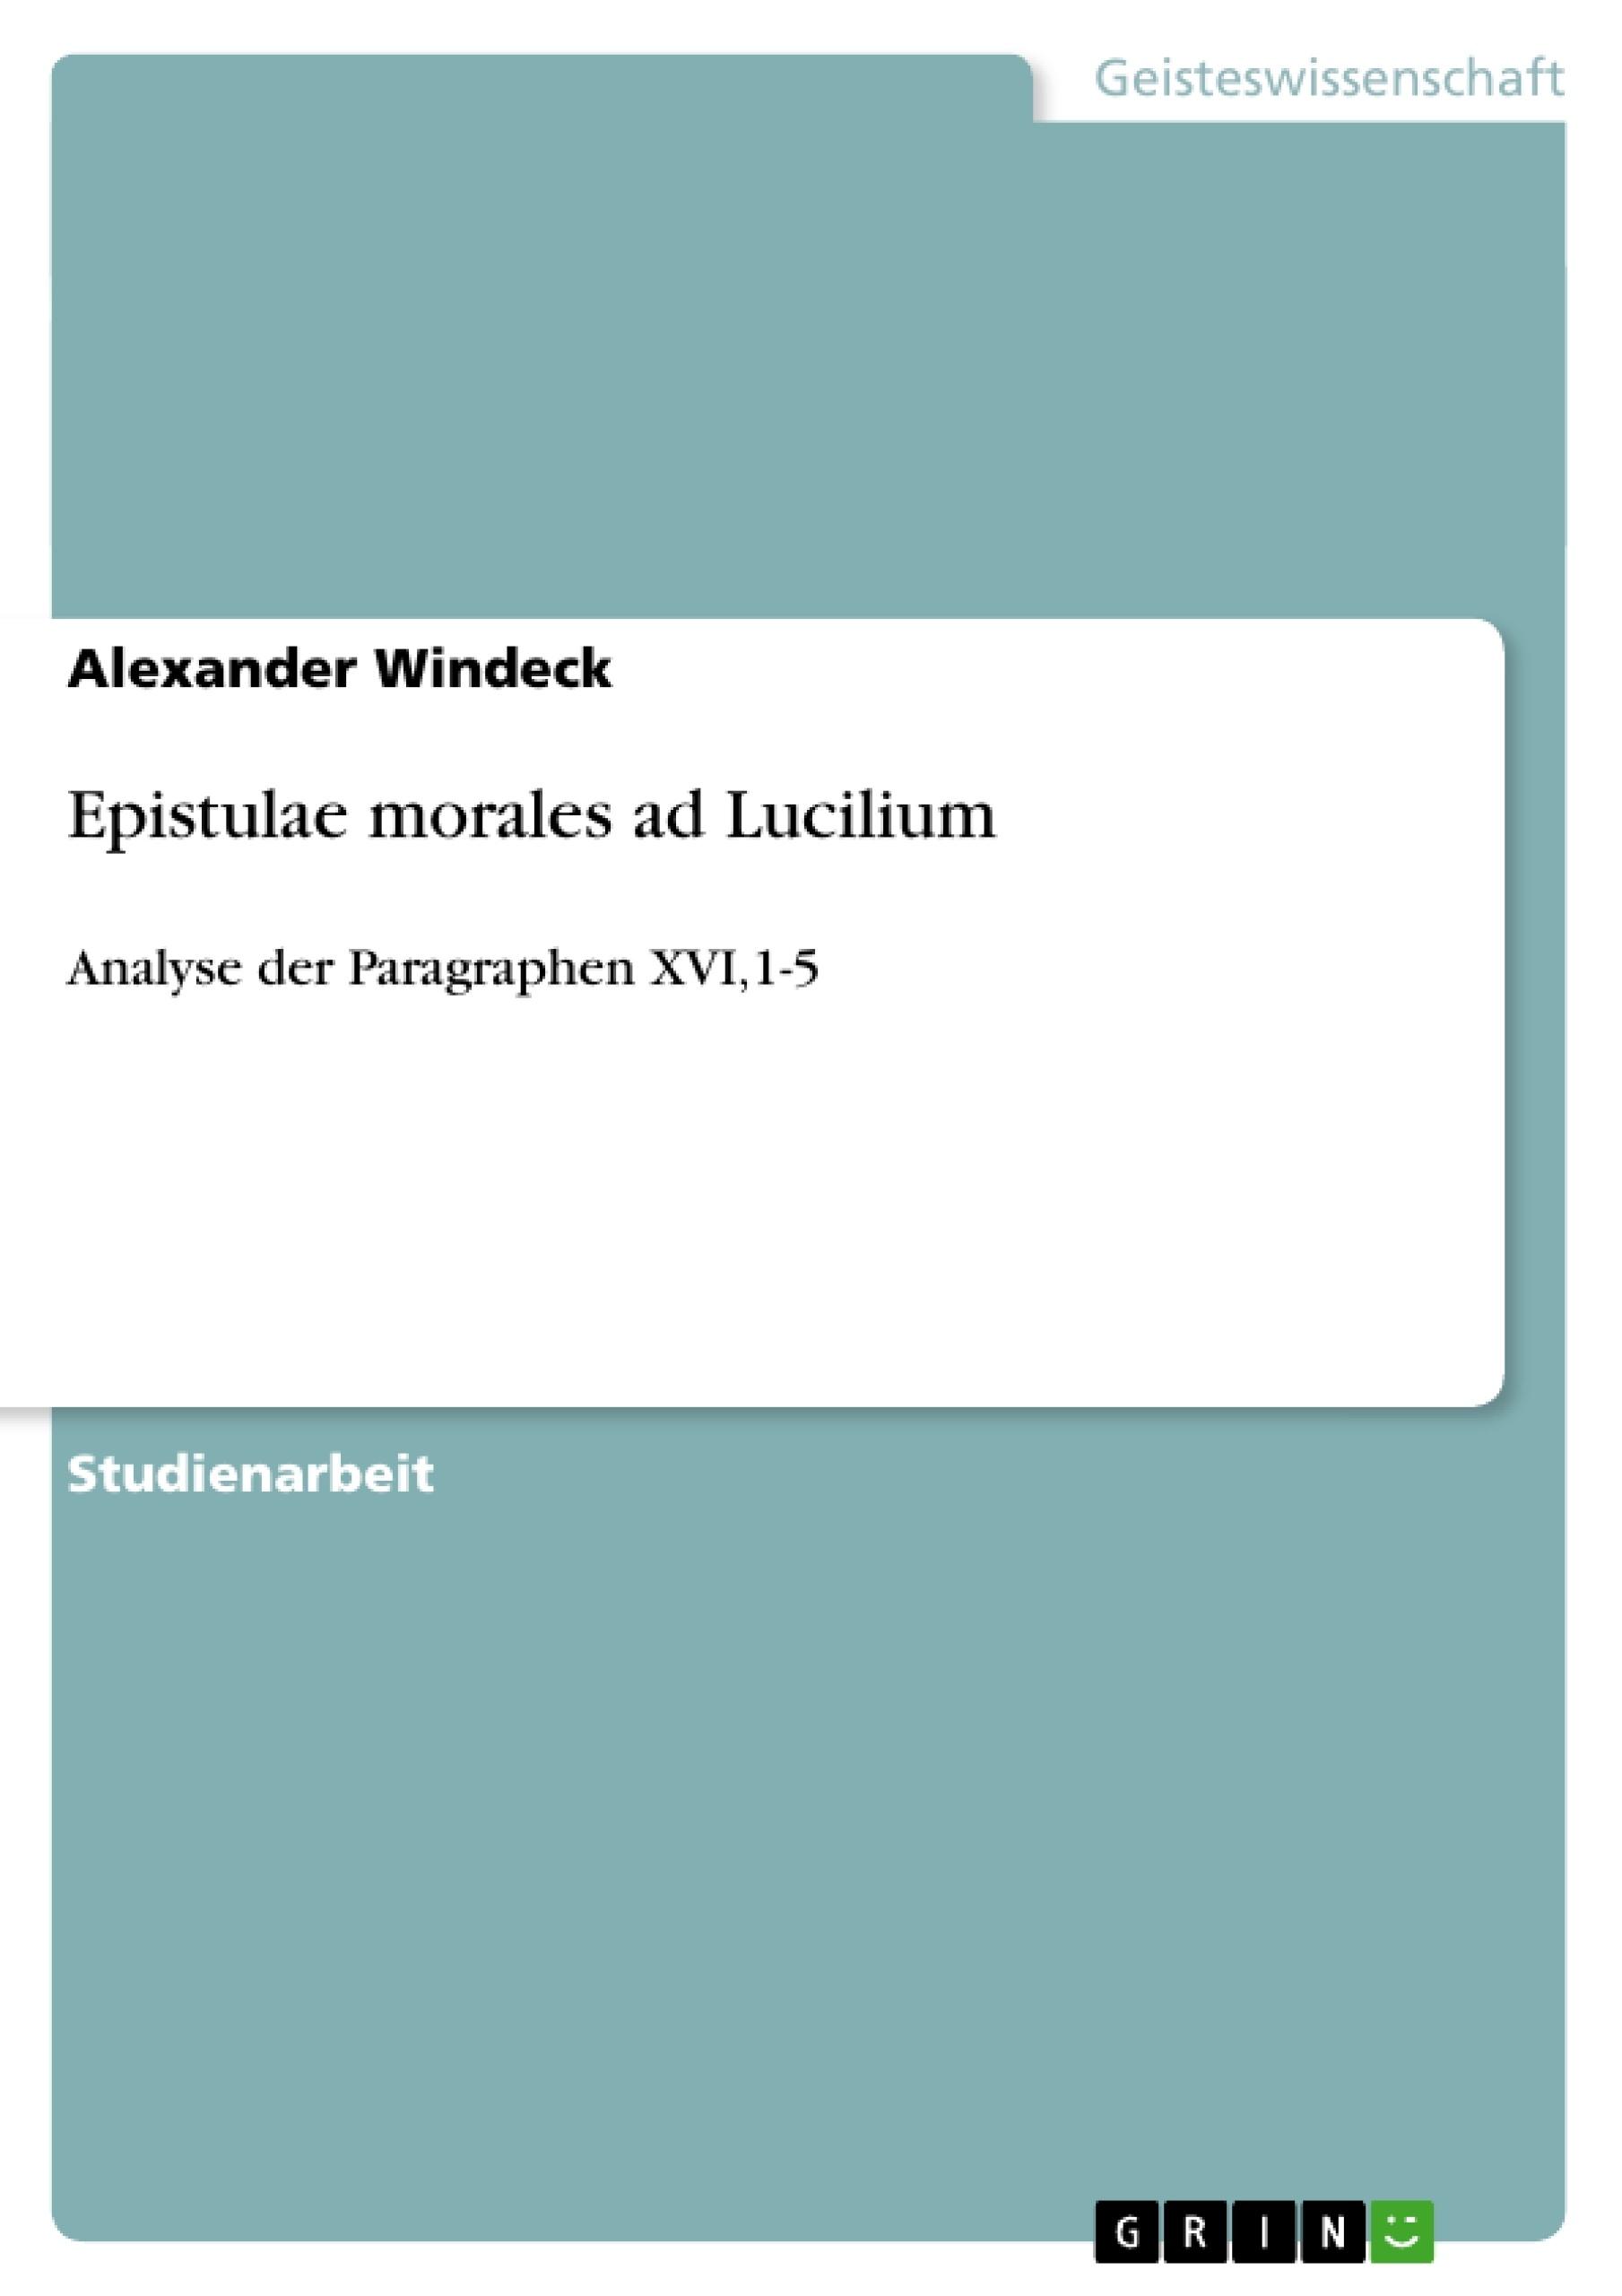 Titel: Epistulae morales ad Lucilium